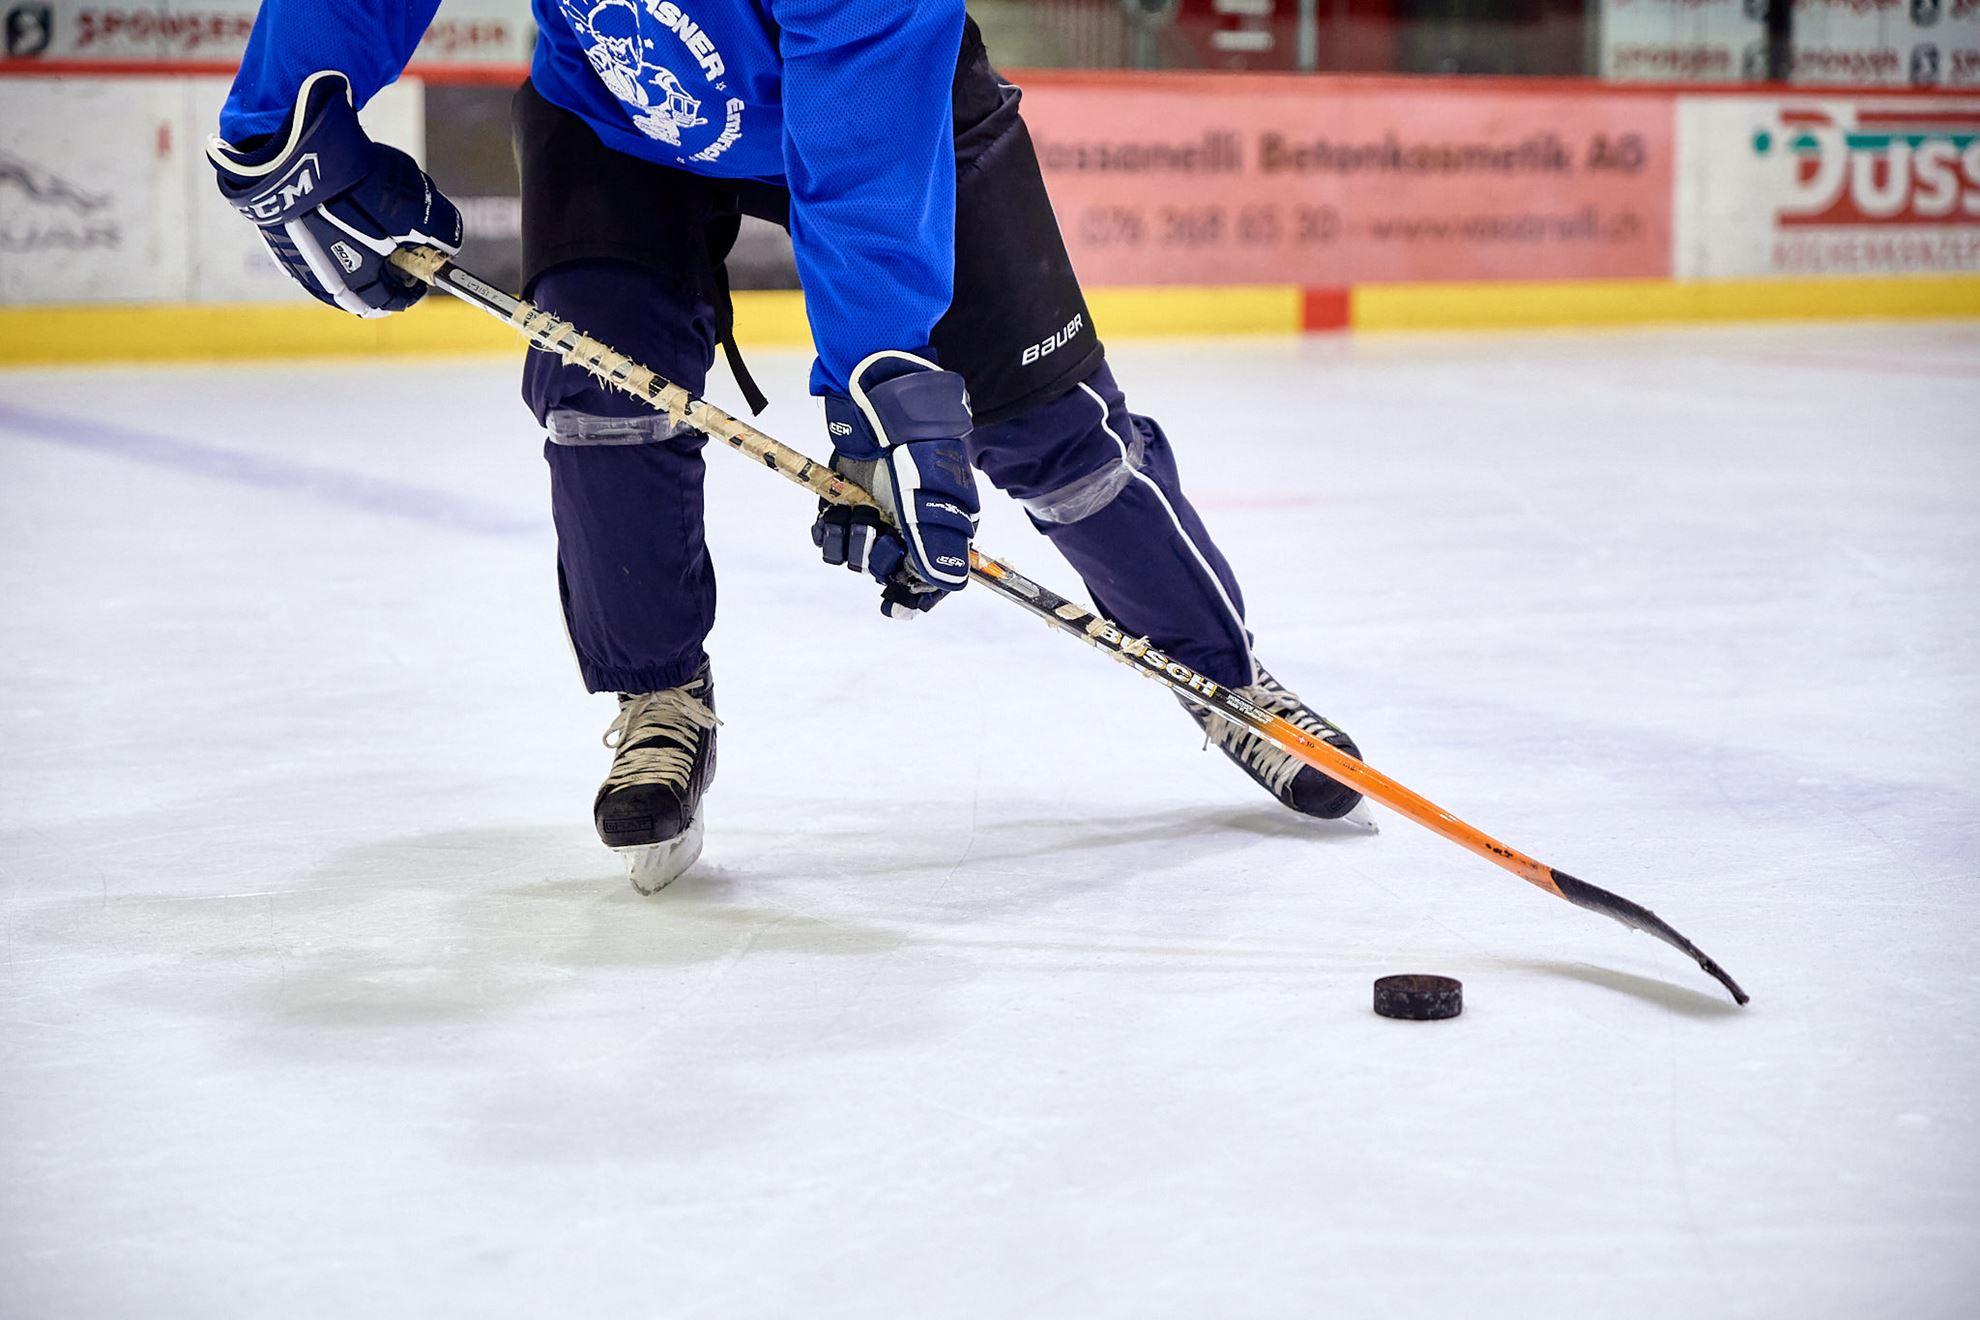 Hockey-Plausch_02